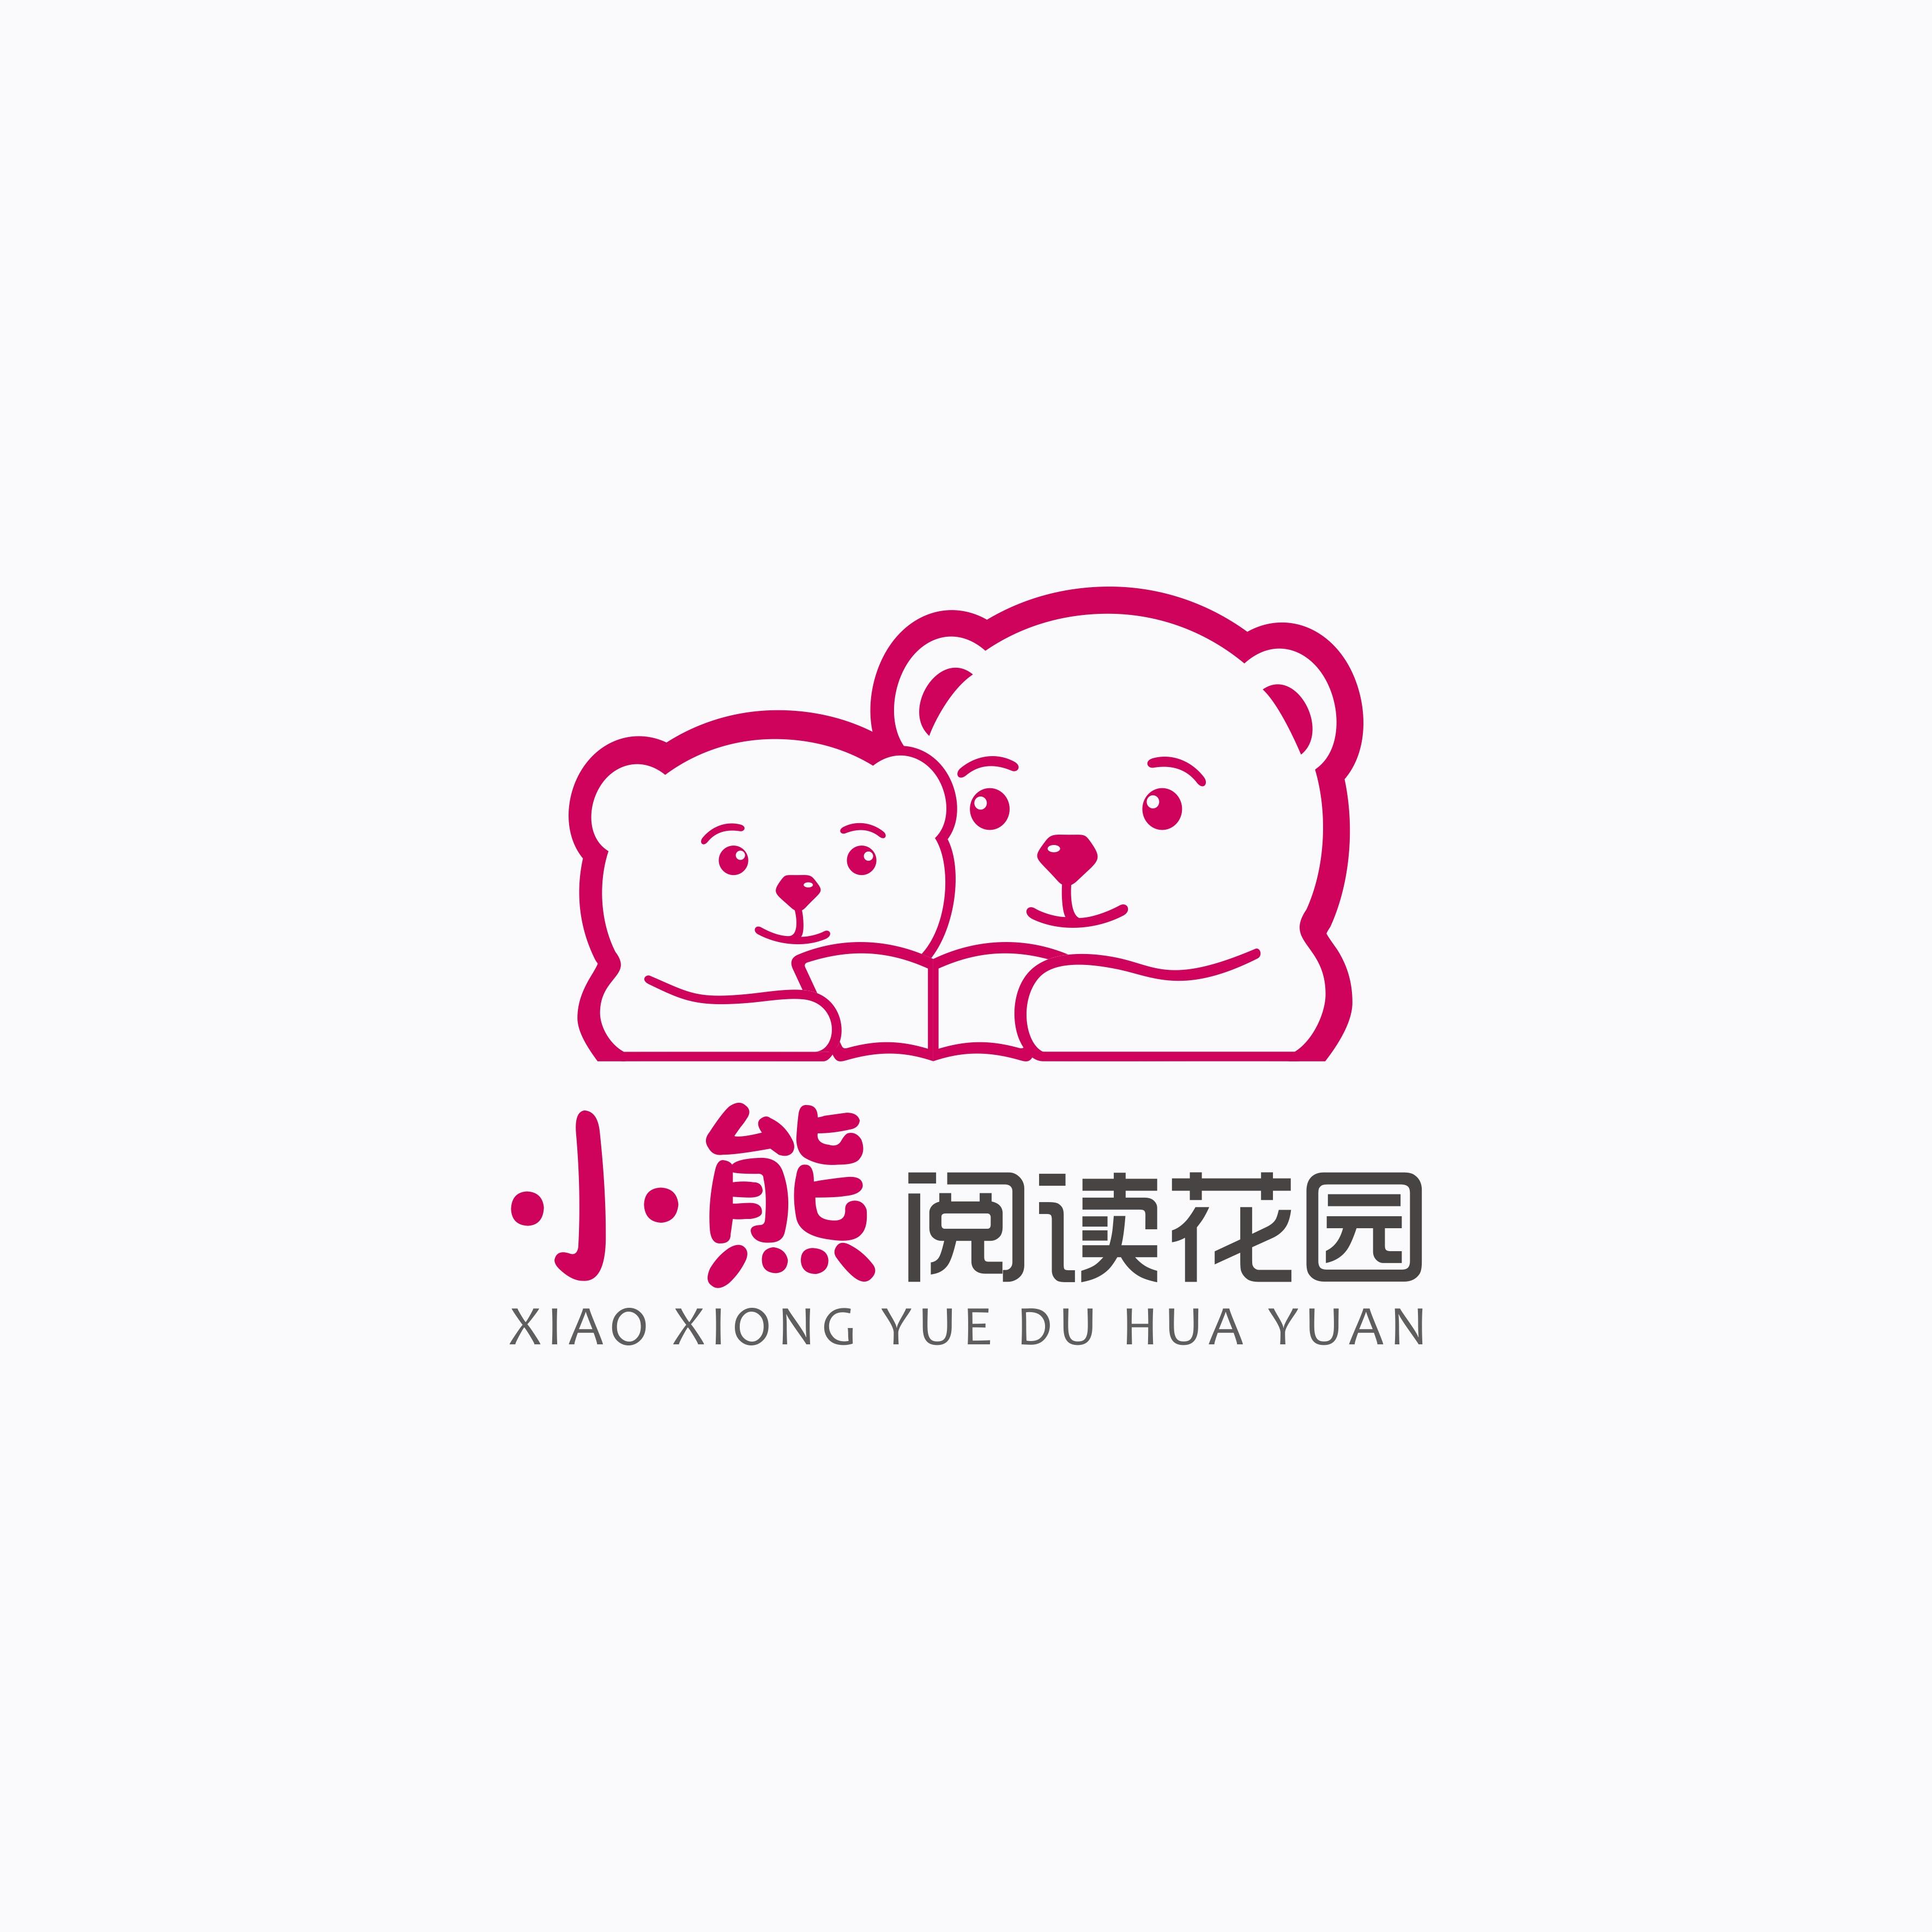 【上善艺术设计】公益LOGO设计 美+计划公益机构LOGO